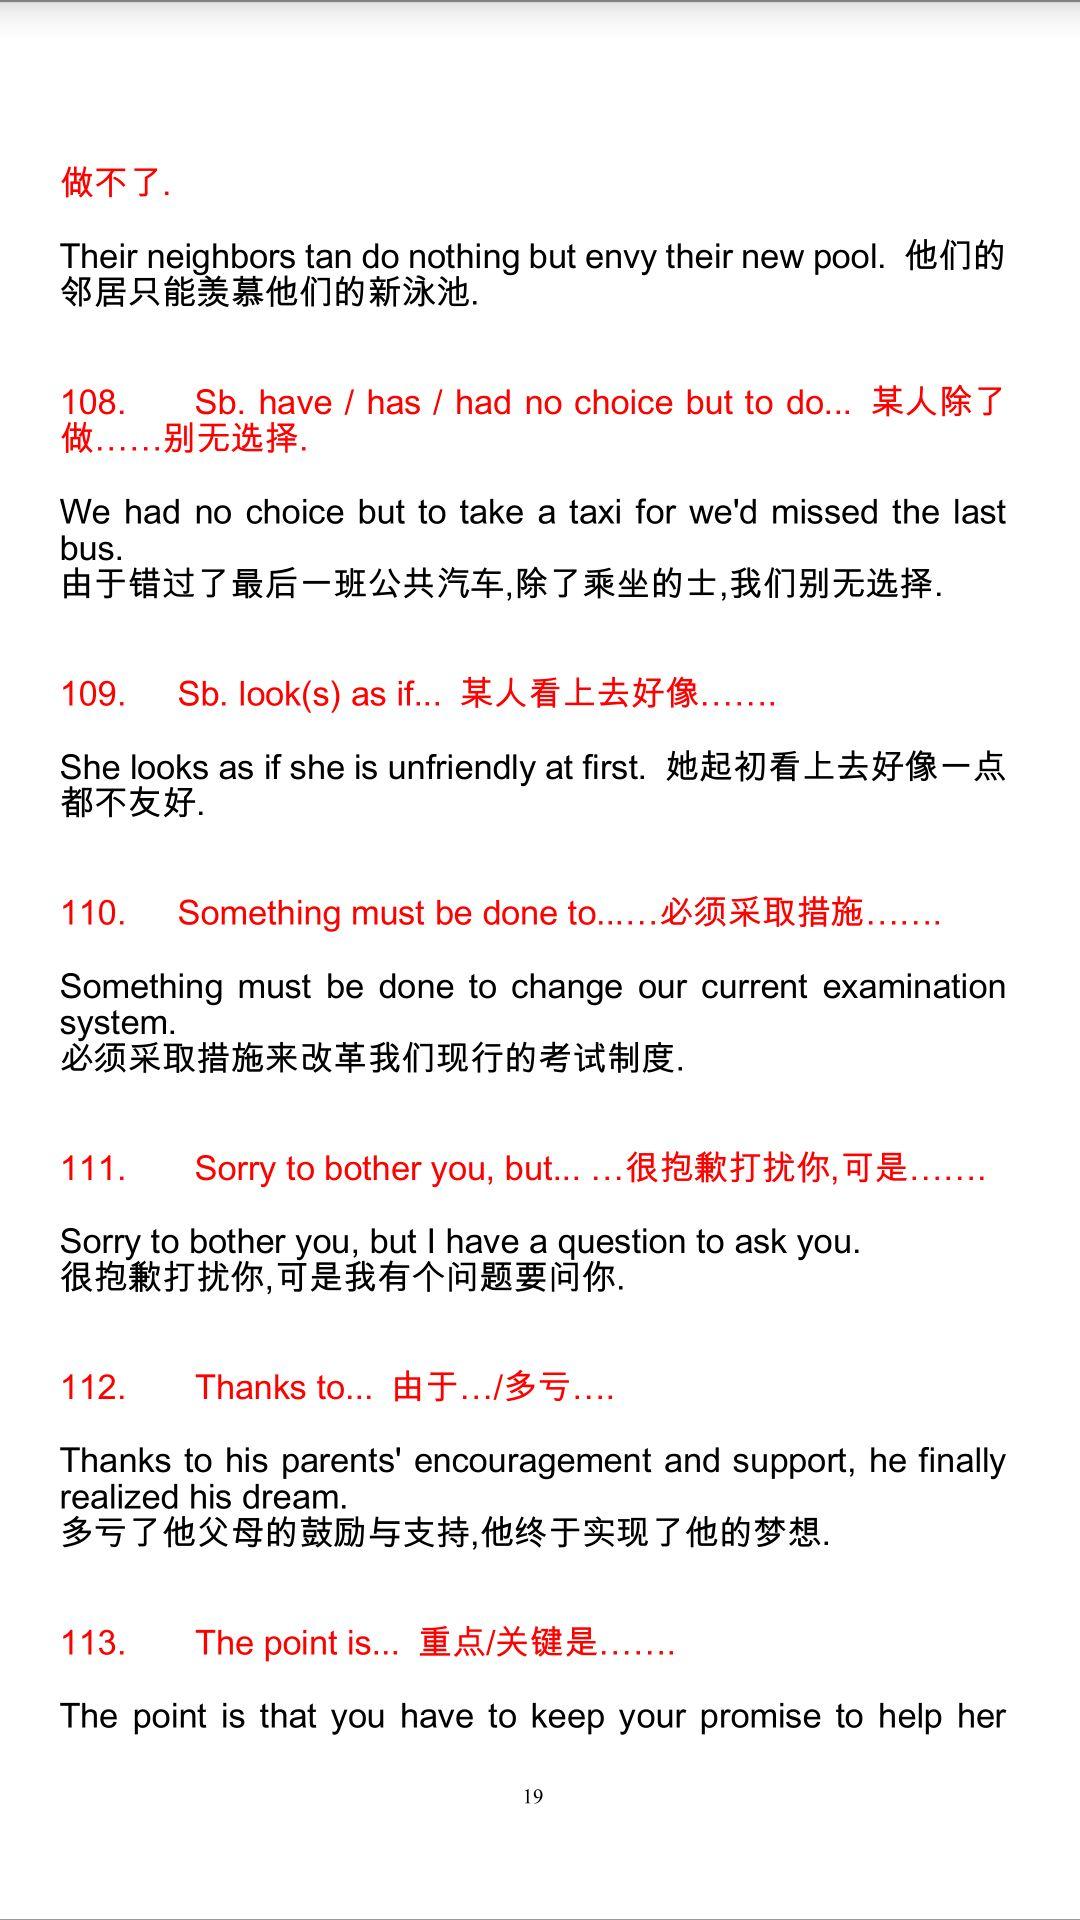 高中英语知识点归纳:高中英语重点职高高中黄冈句型常用图片